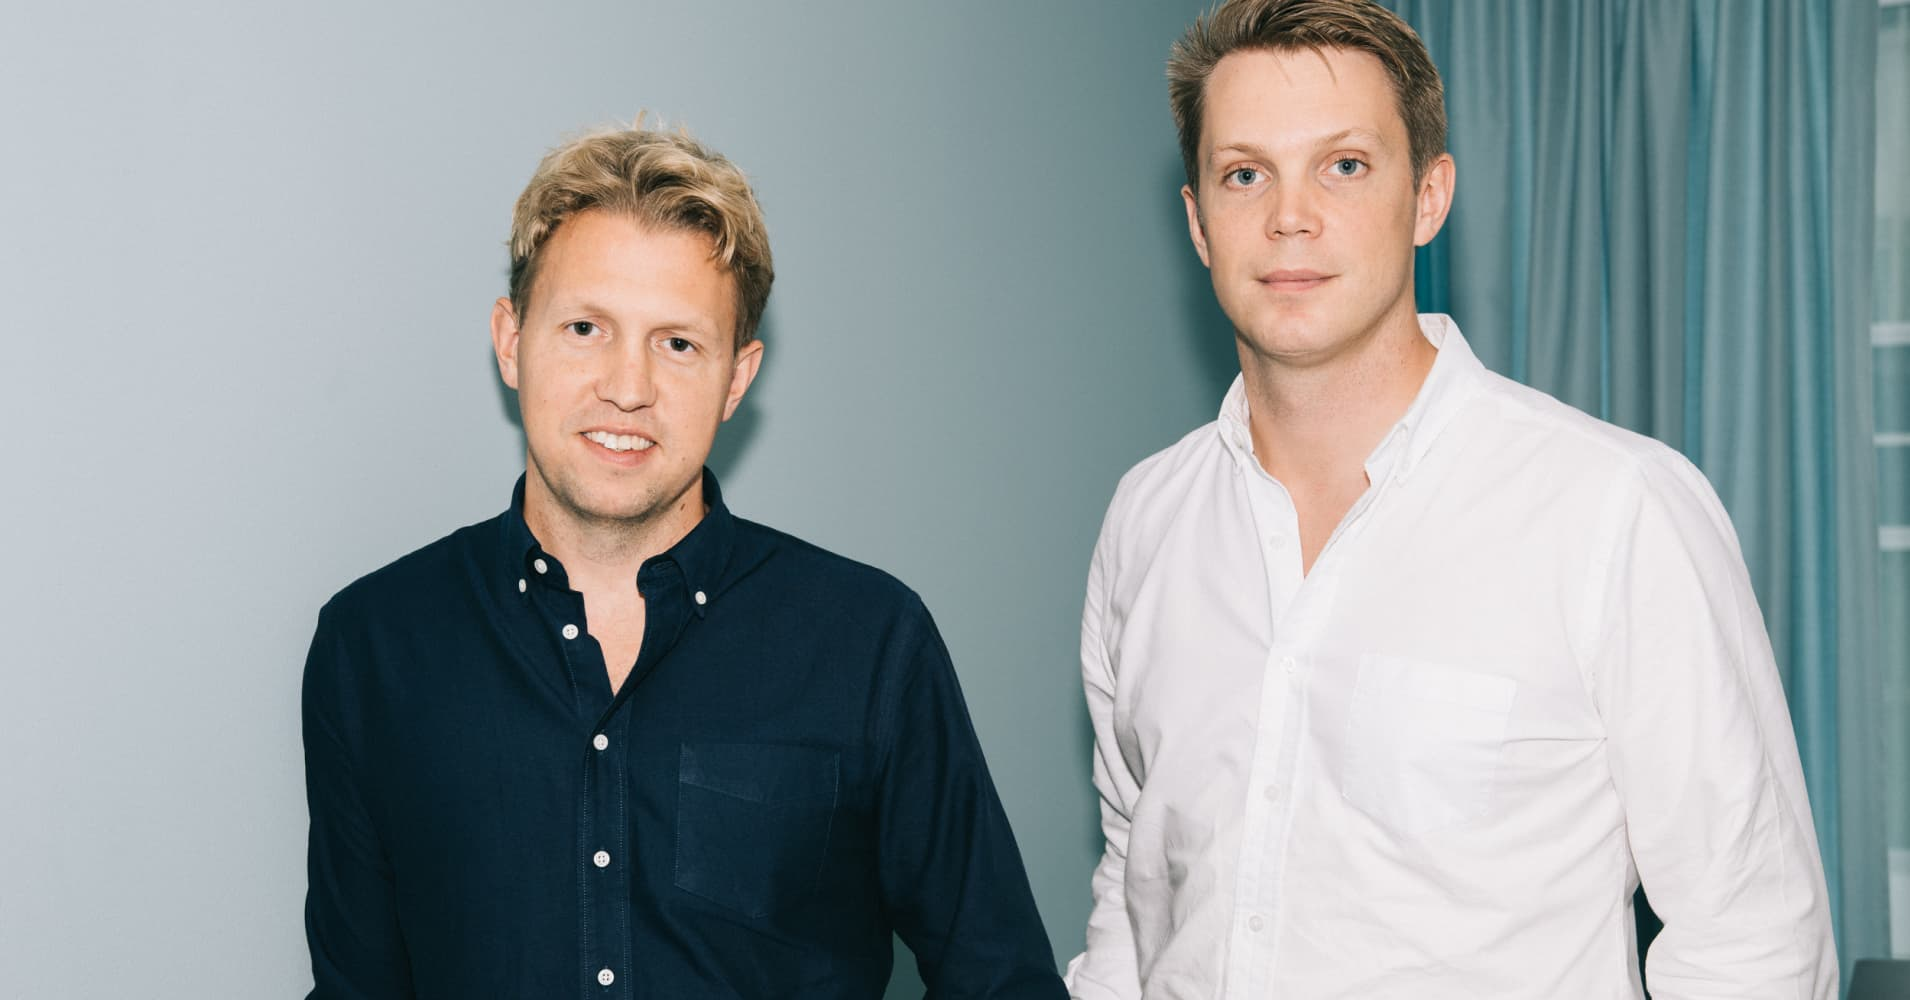 Fintech start-up Tink raises $64 million at $270 million valuation